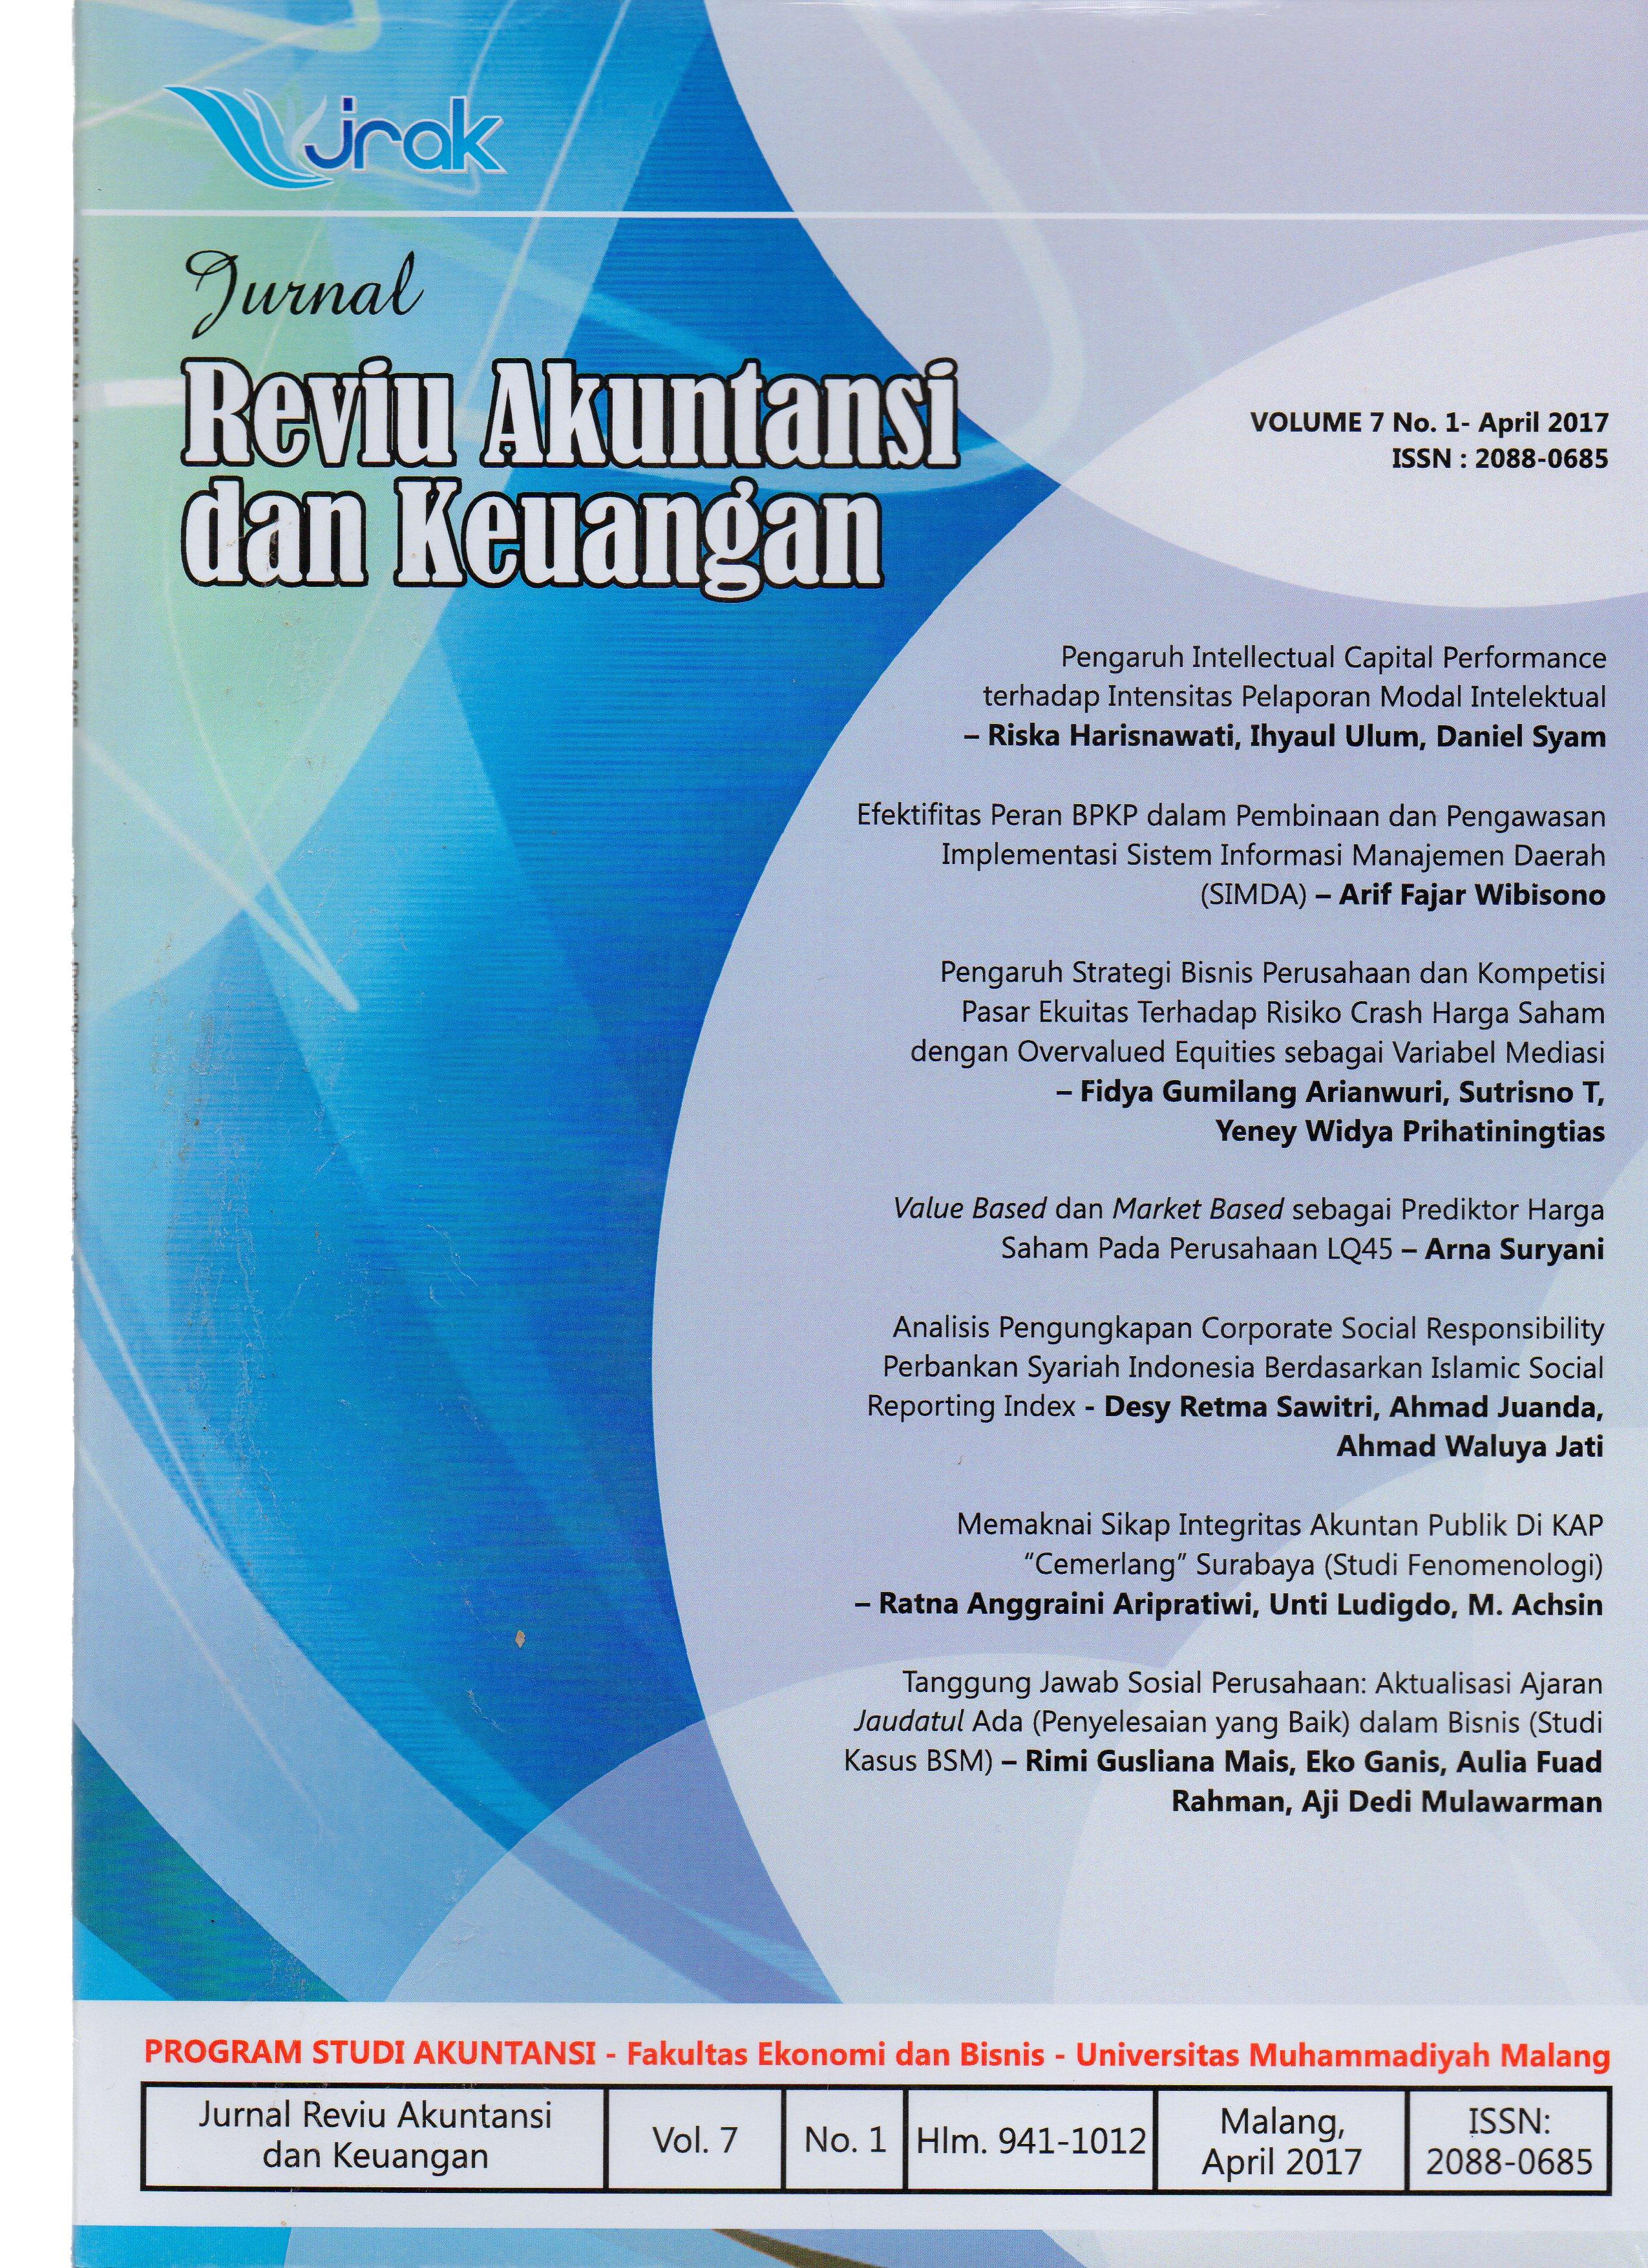 View Vol. 7 No. 1: Jurnal Reviu Akuntansi dan Keuangan